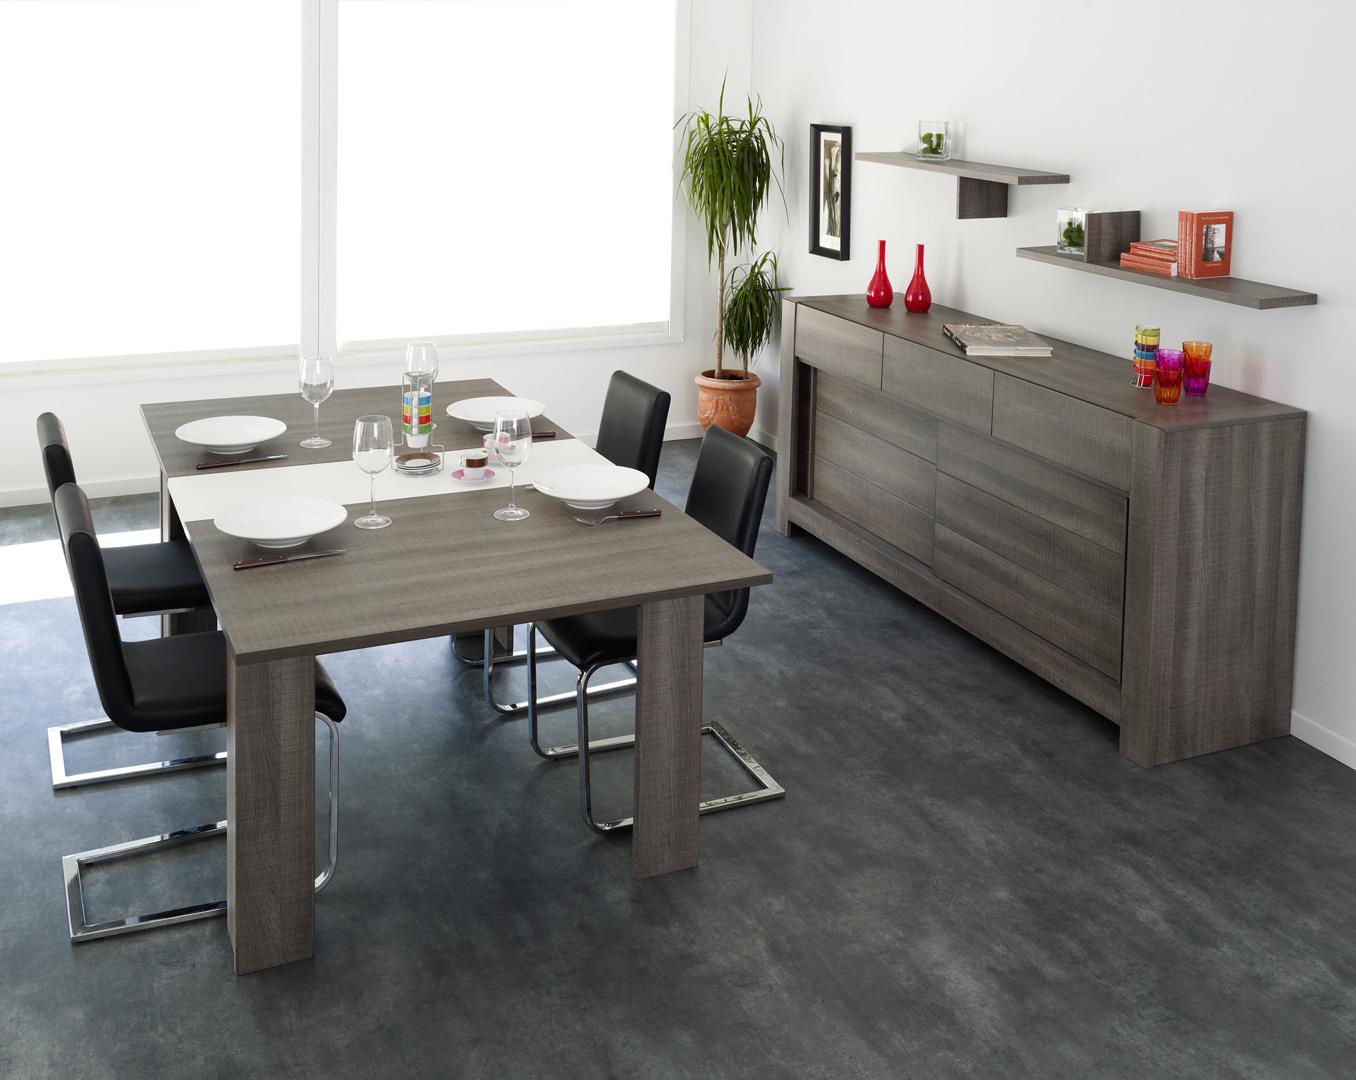 salle manger compl te victoria. Black Bedroom Furniture Sets. Home Design Ideas